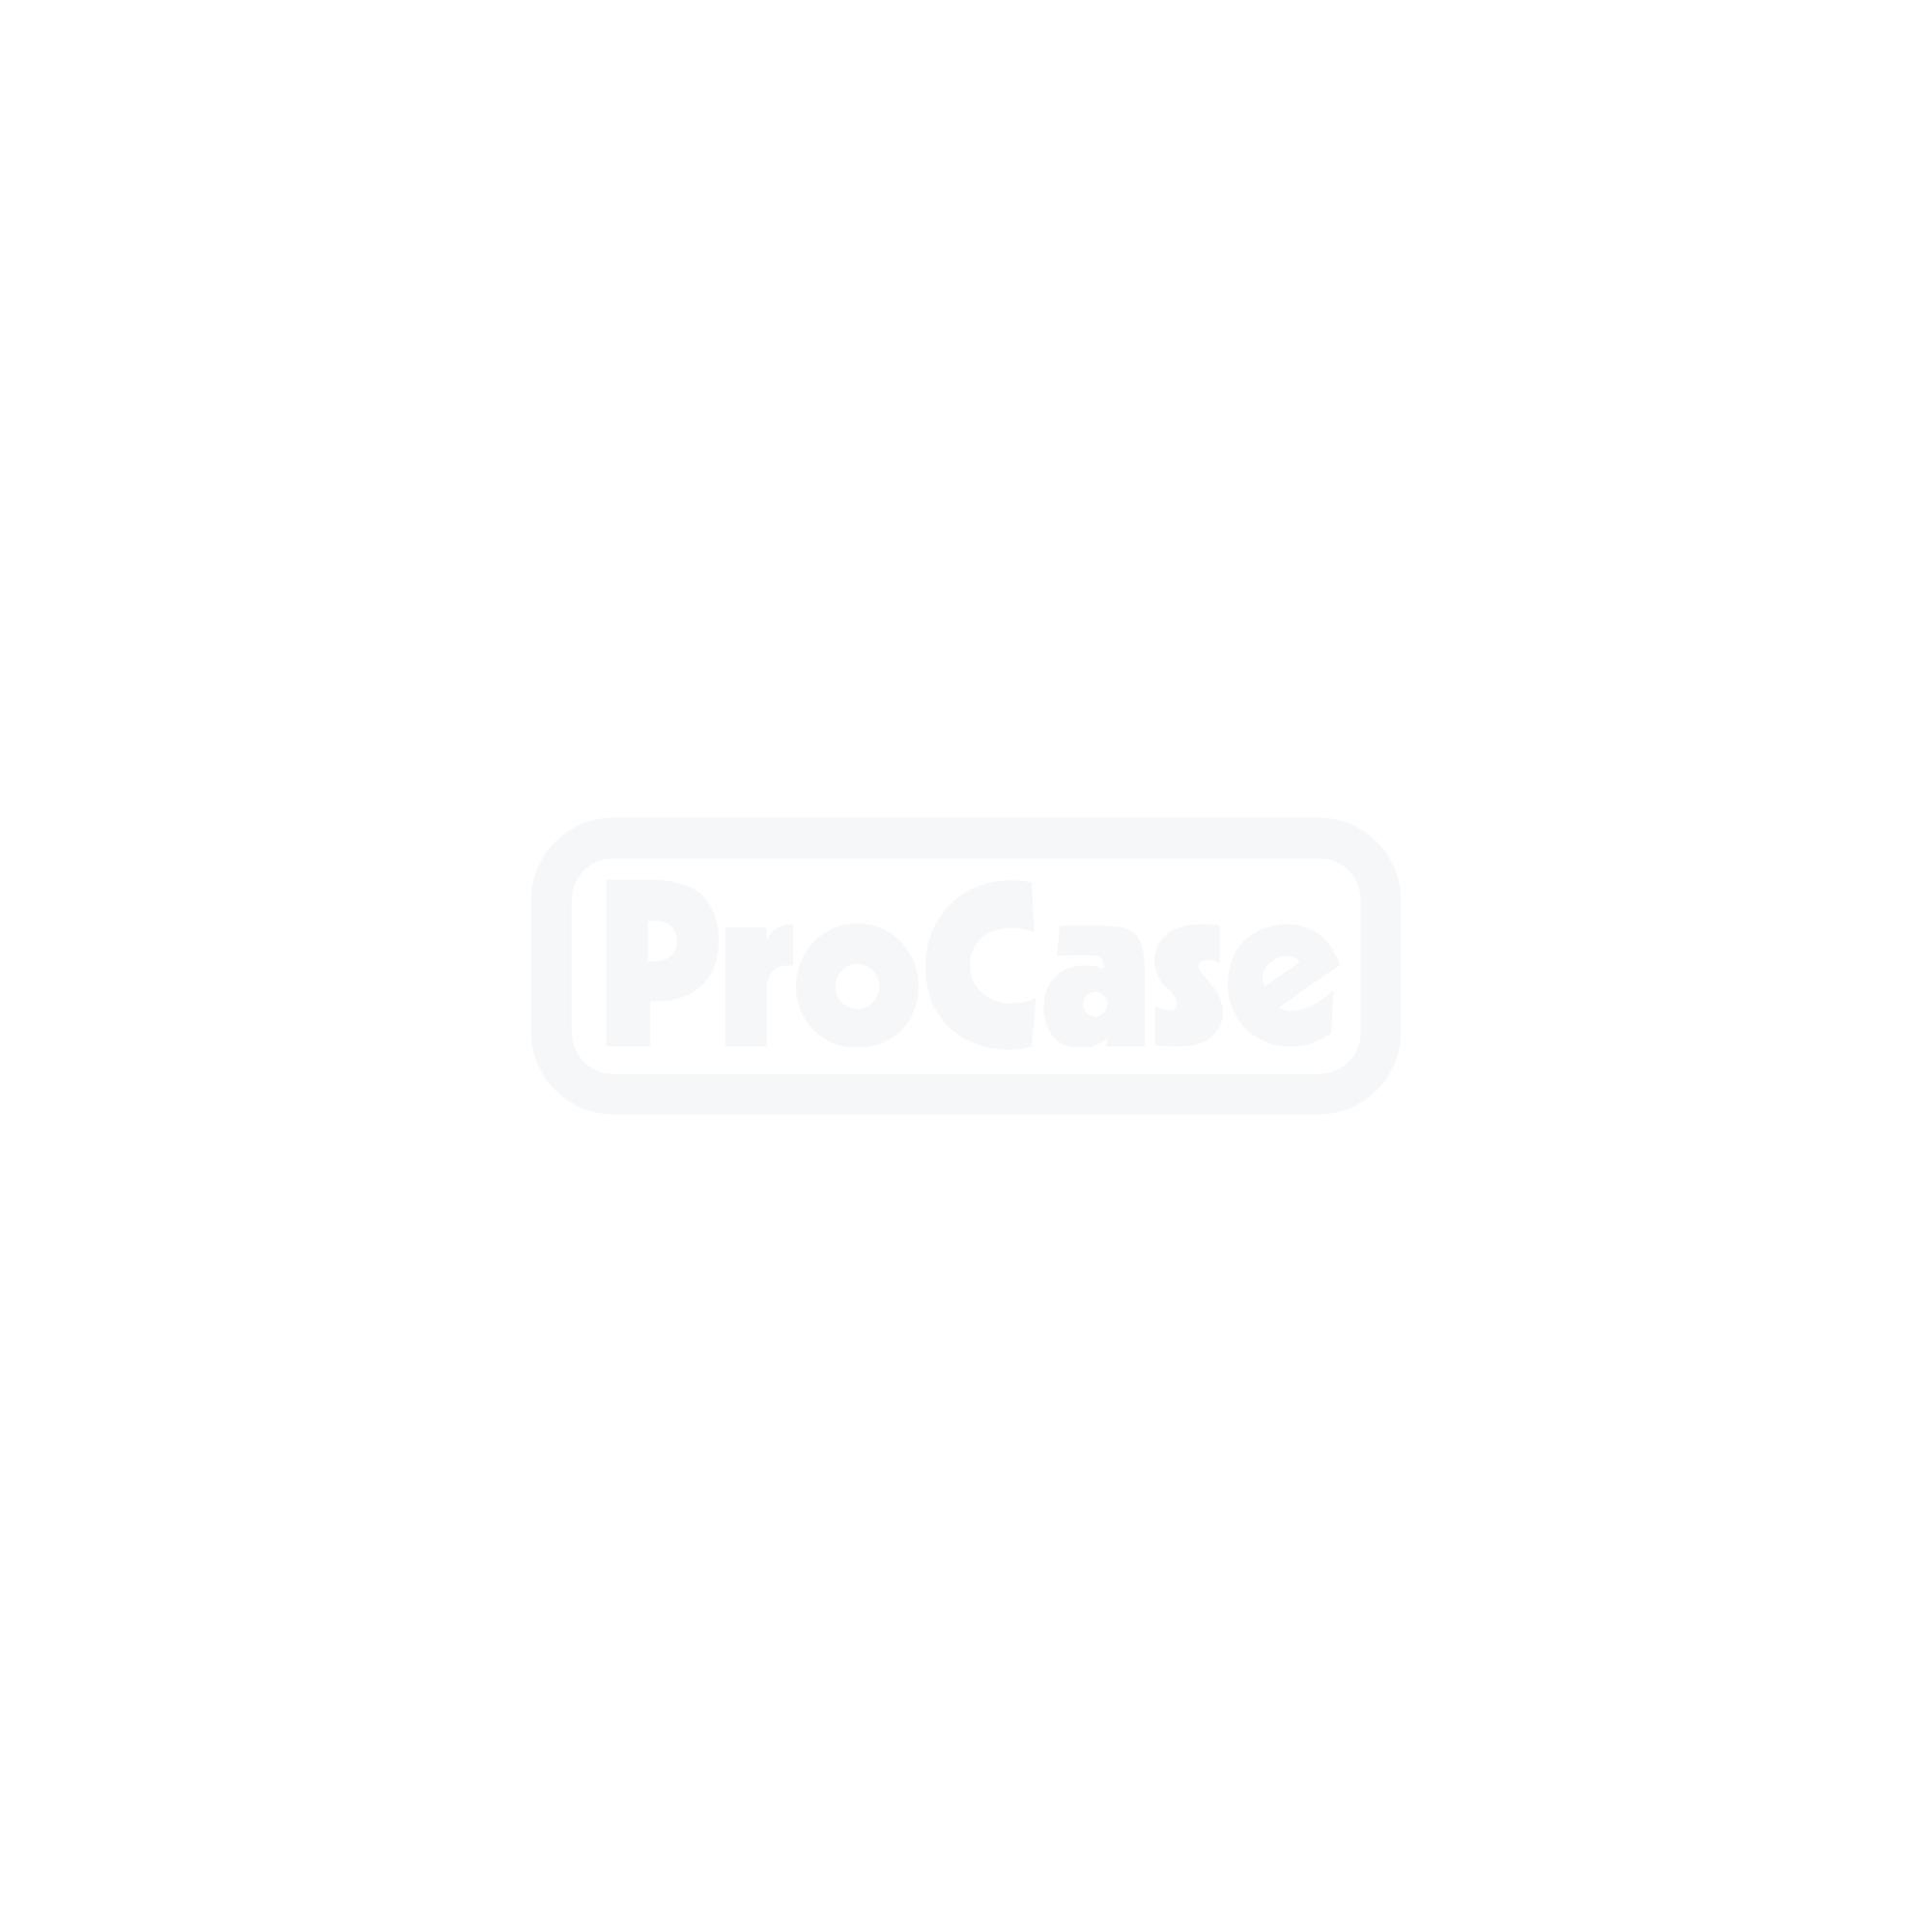 Flightcase für Chainmaster BGV-D8+ 500 kg mit 24m Kette 2